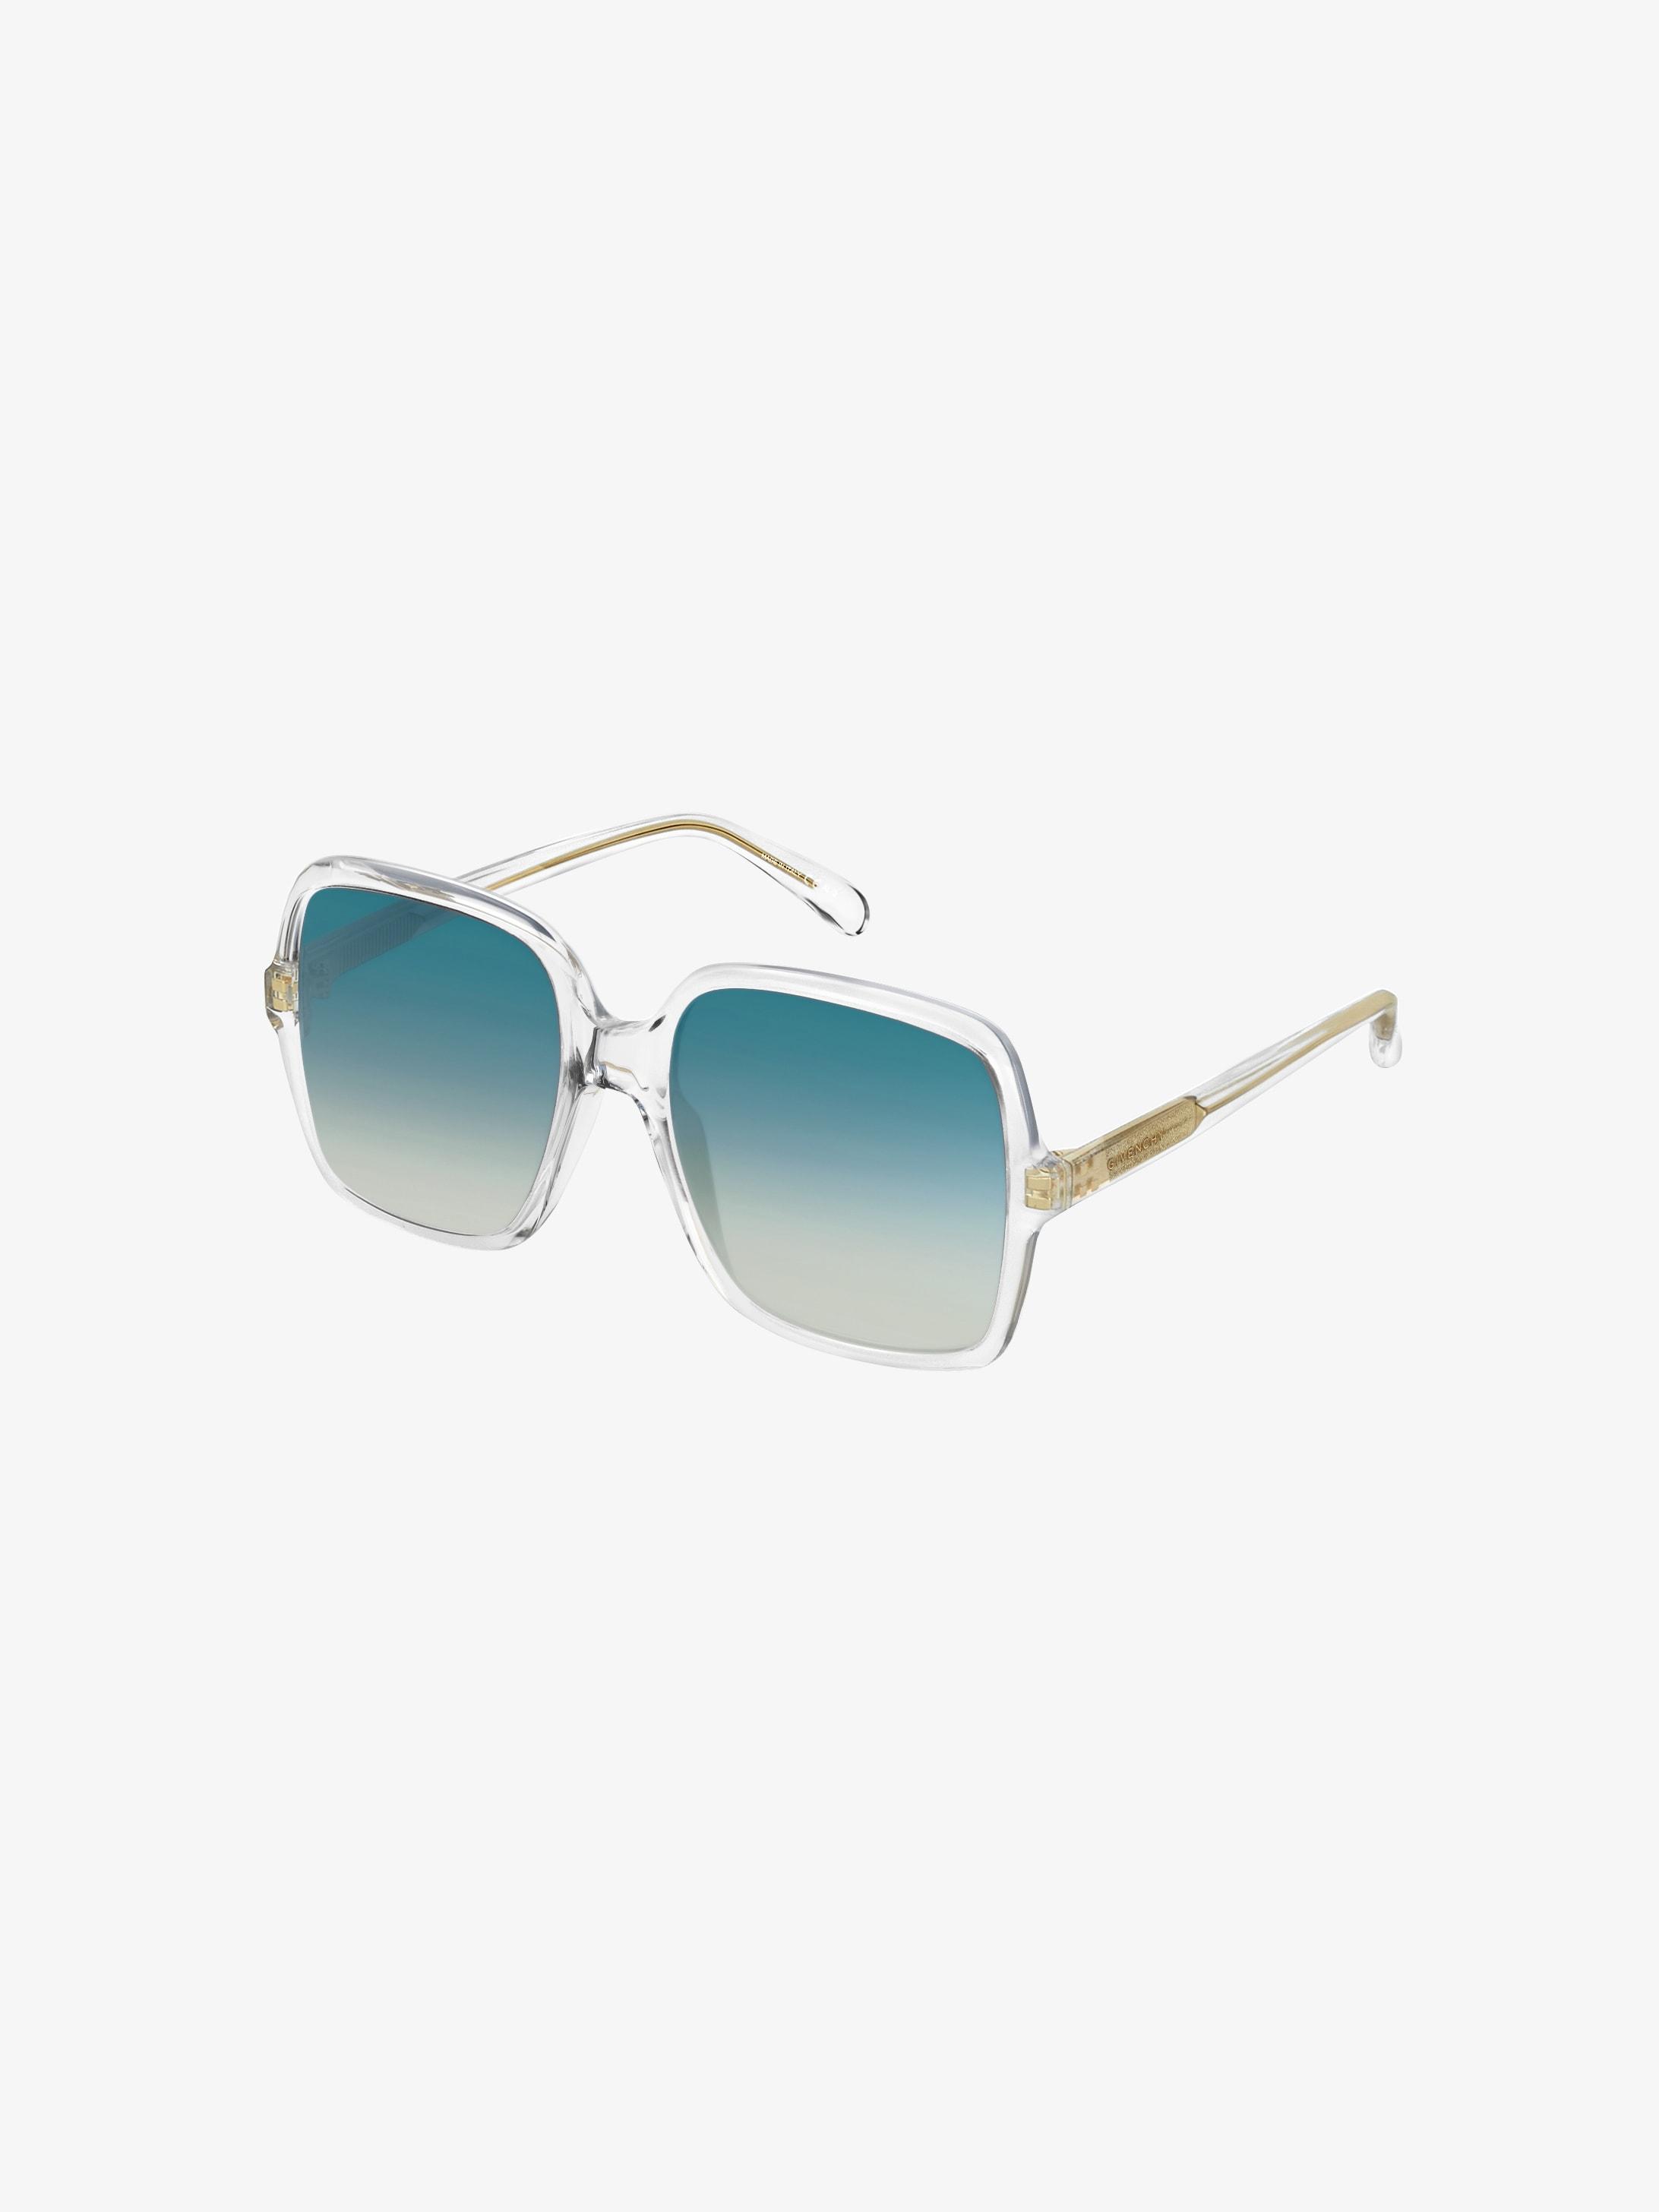 GV Essence sunglasses in acetate